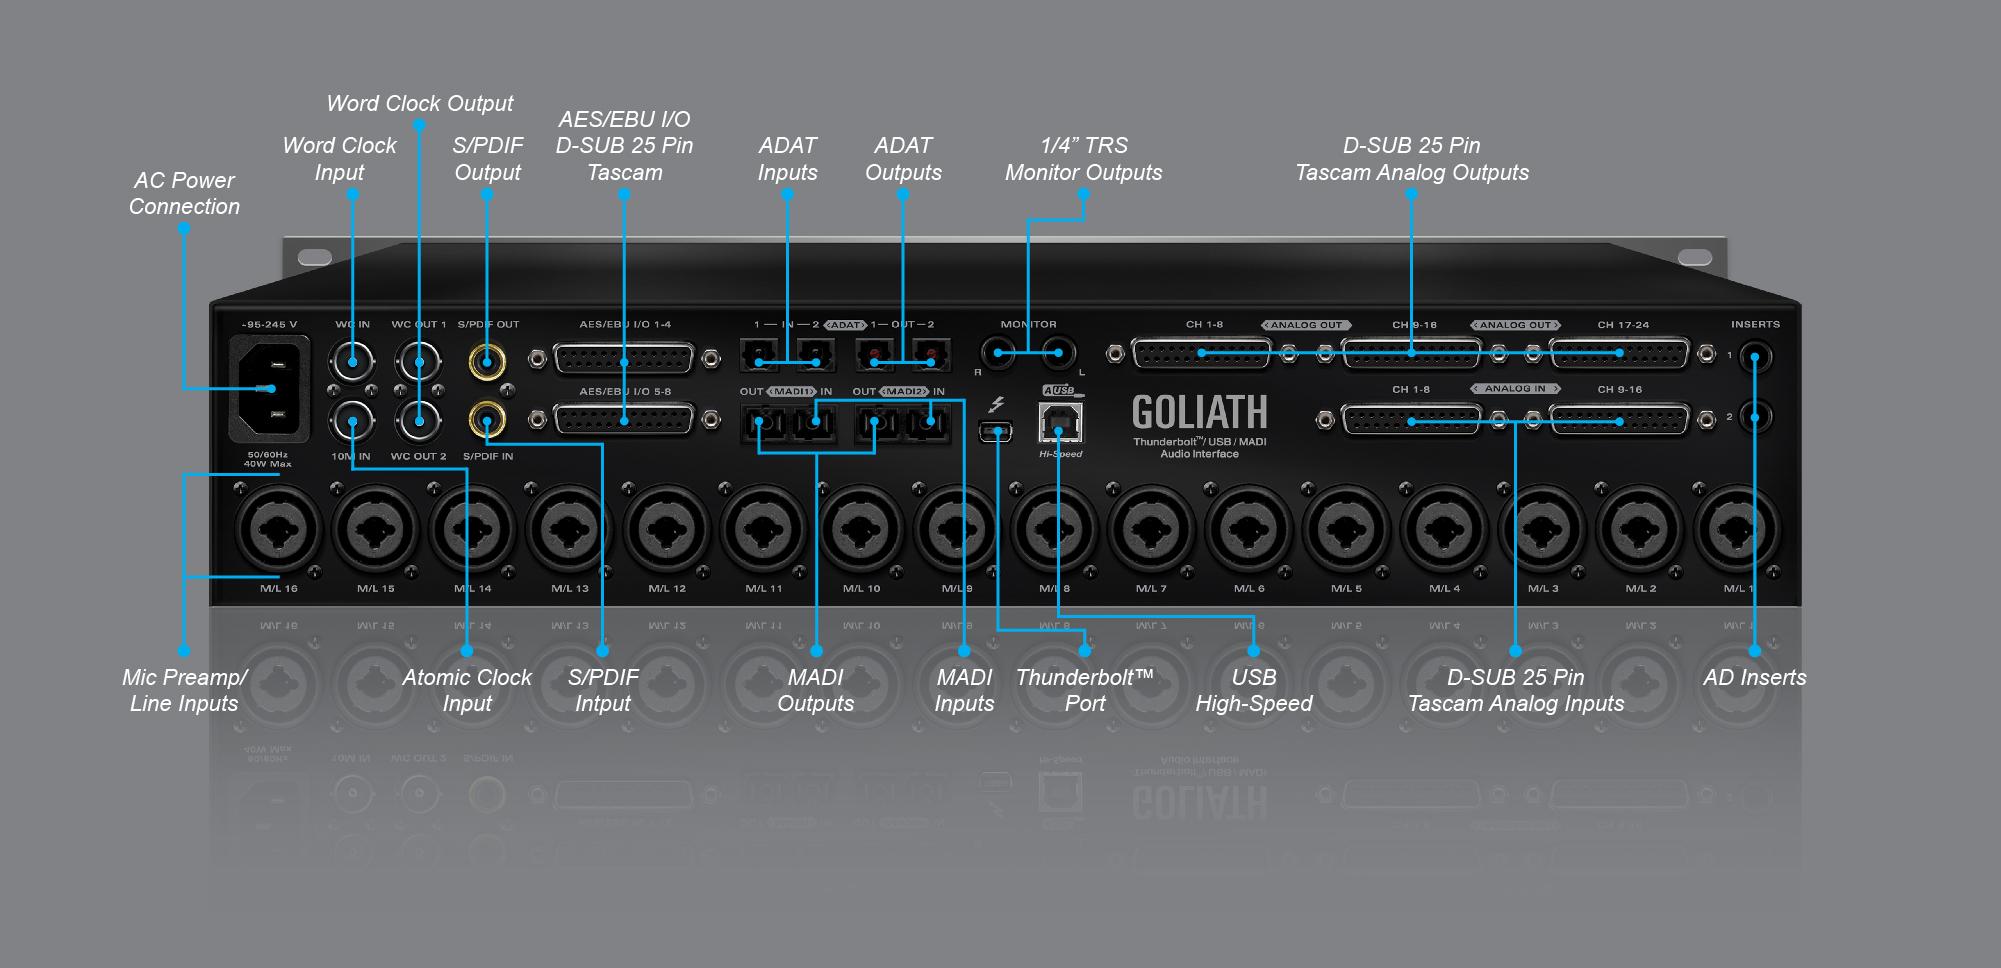 Goliath connectivity Artboard 2